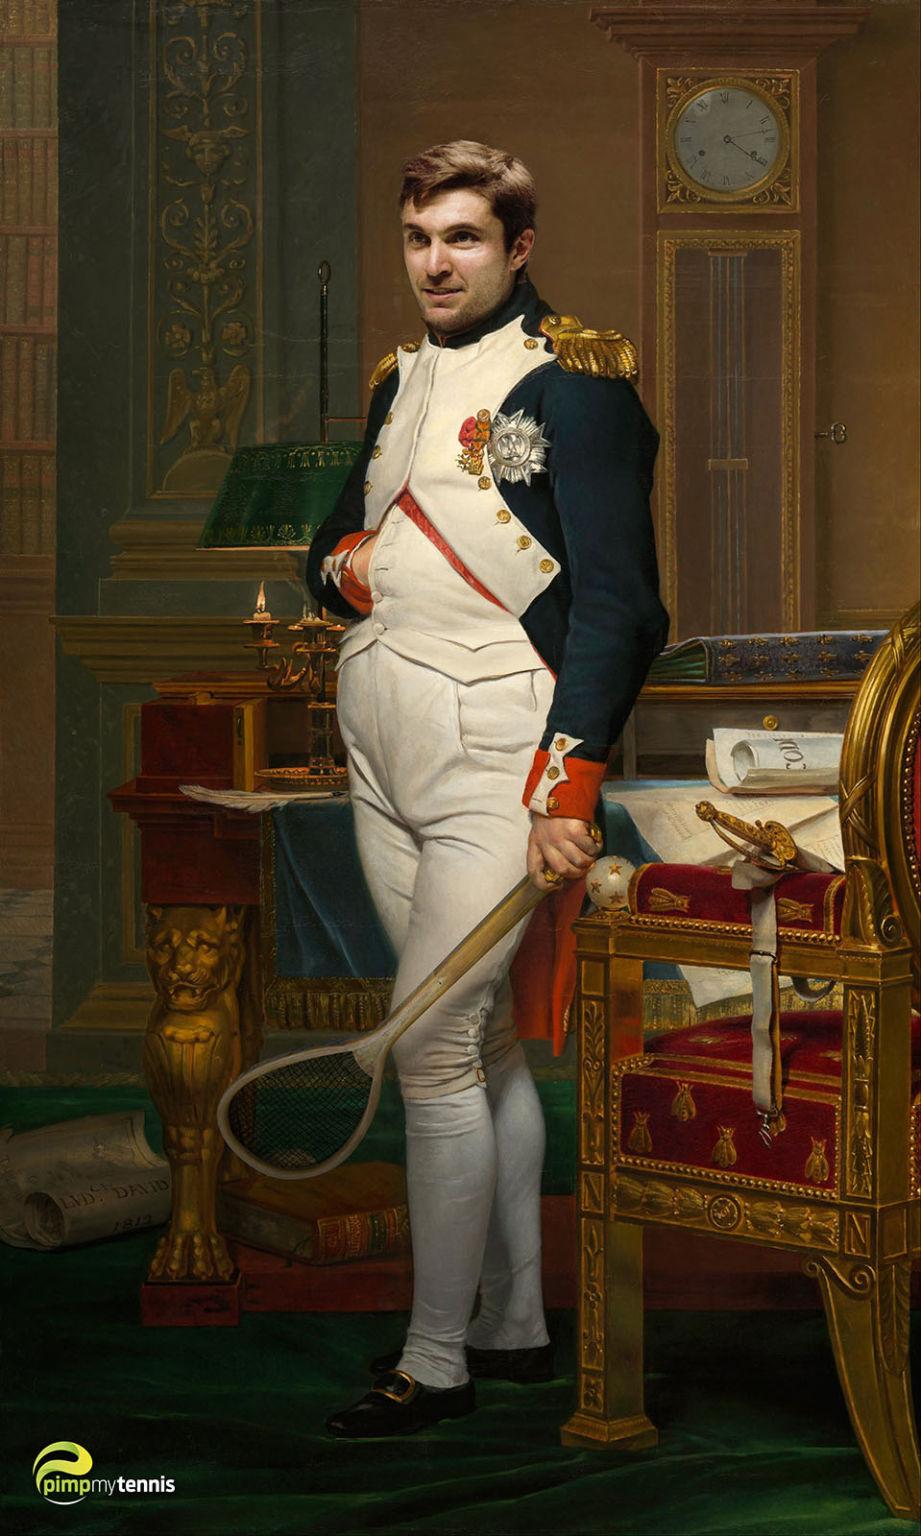 http://pimpmytennis.com/gilles-simon-empereur-des-courts/